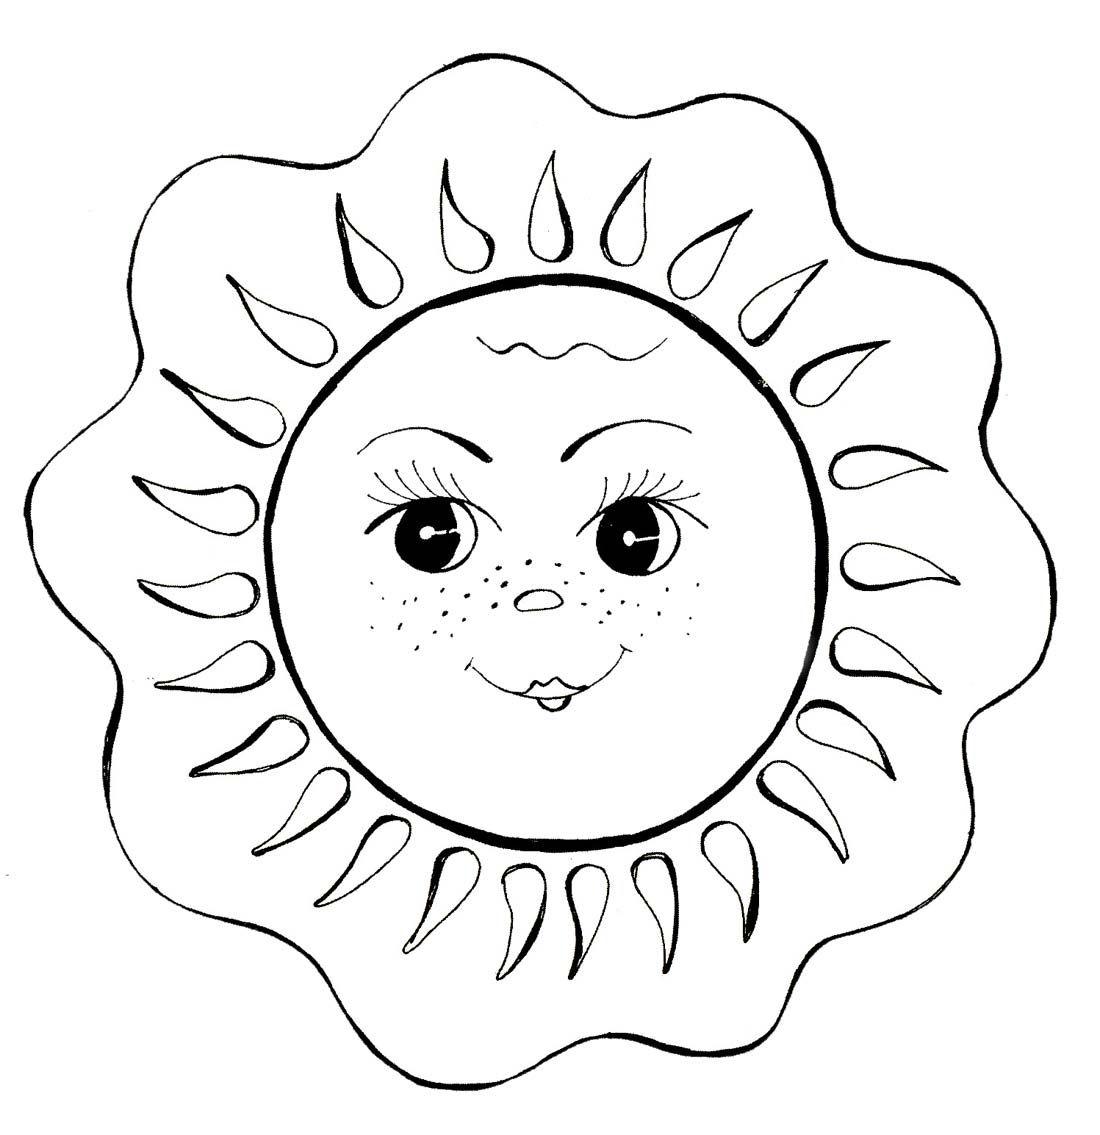 Изображение солнышка с улыбкой